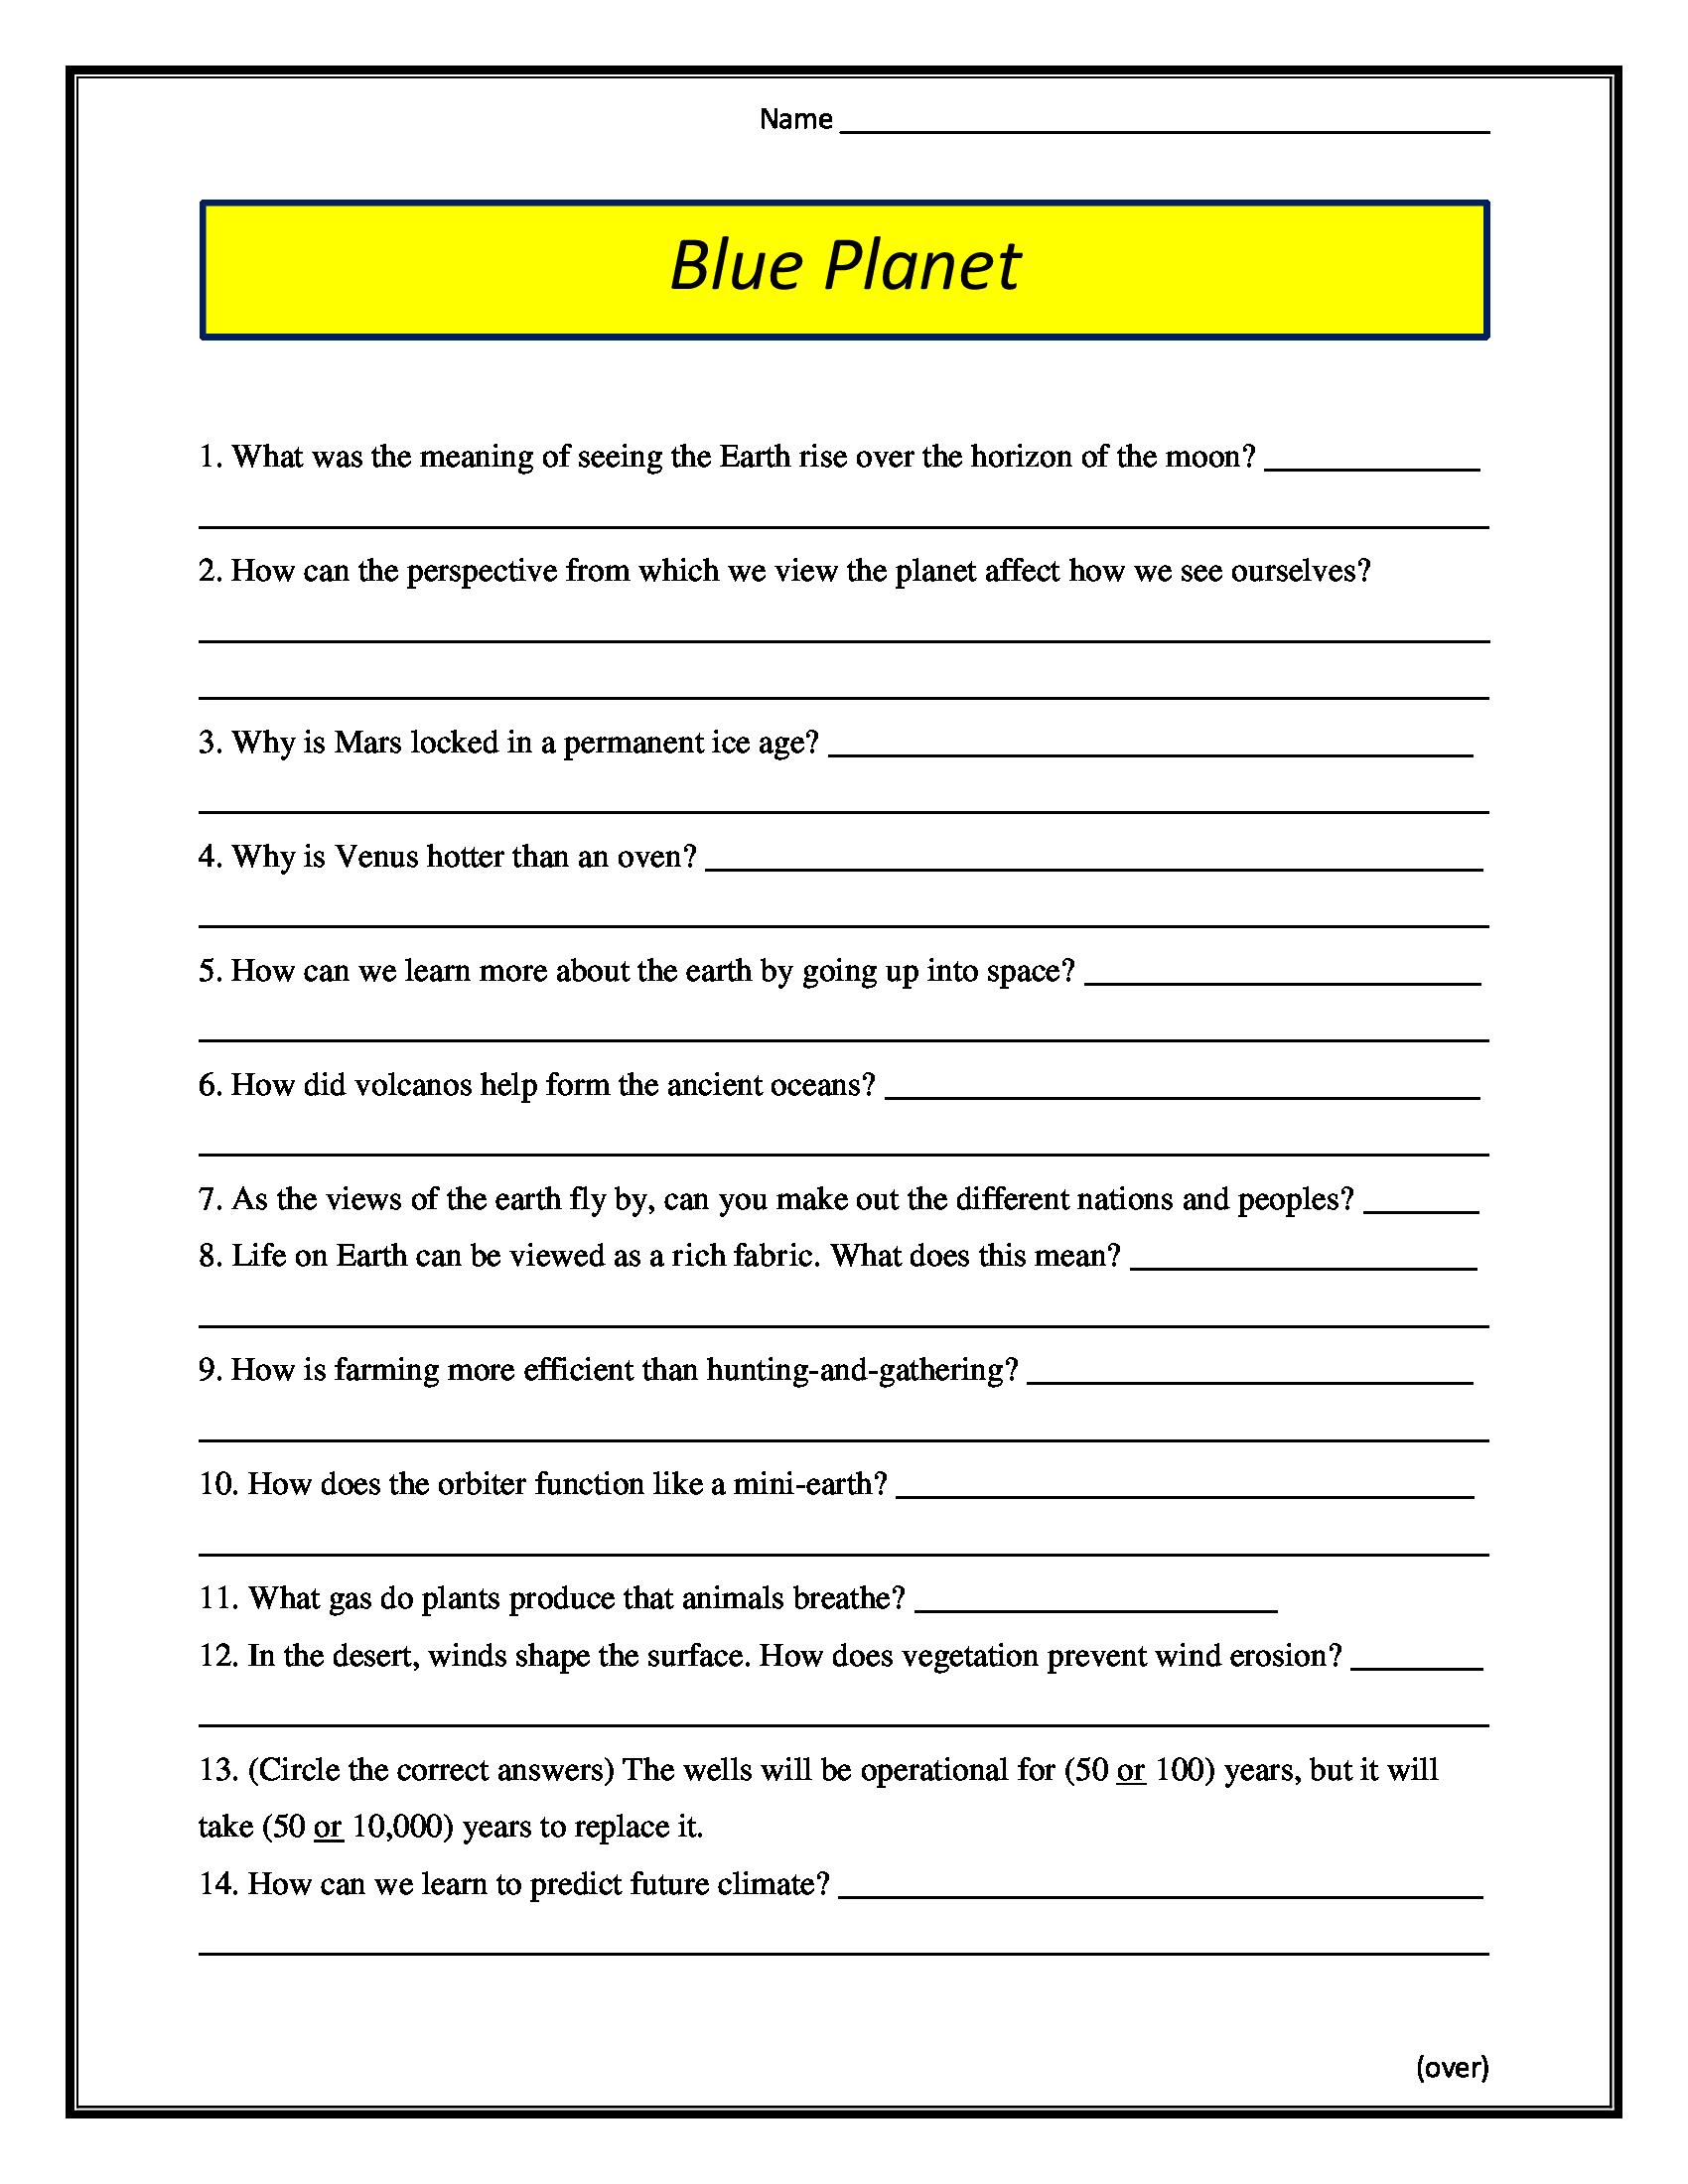 Blue Planet Worksheet